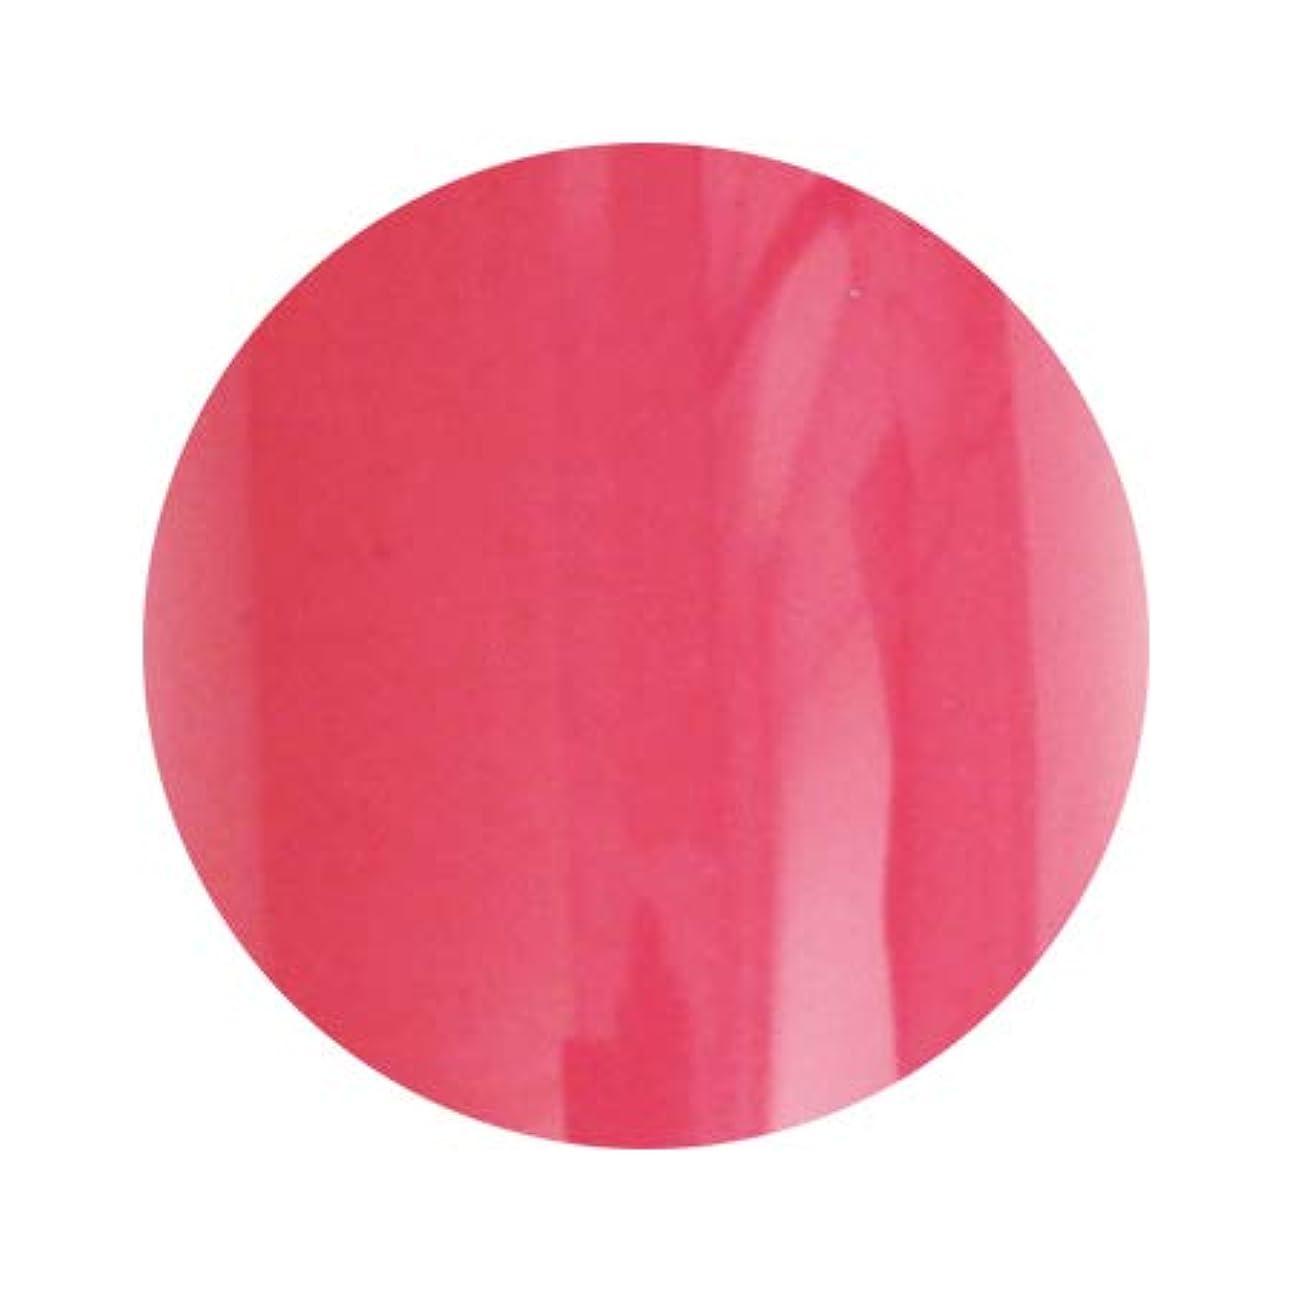 減衰取得シロクマLUCU GEL ルクジェル カラー REM06 コーラルレッド 3.5g